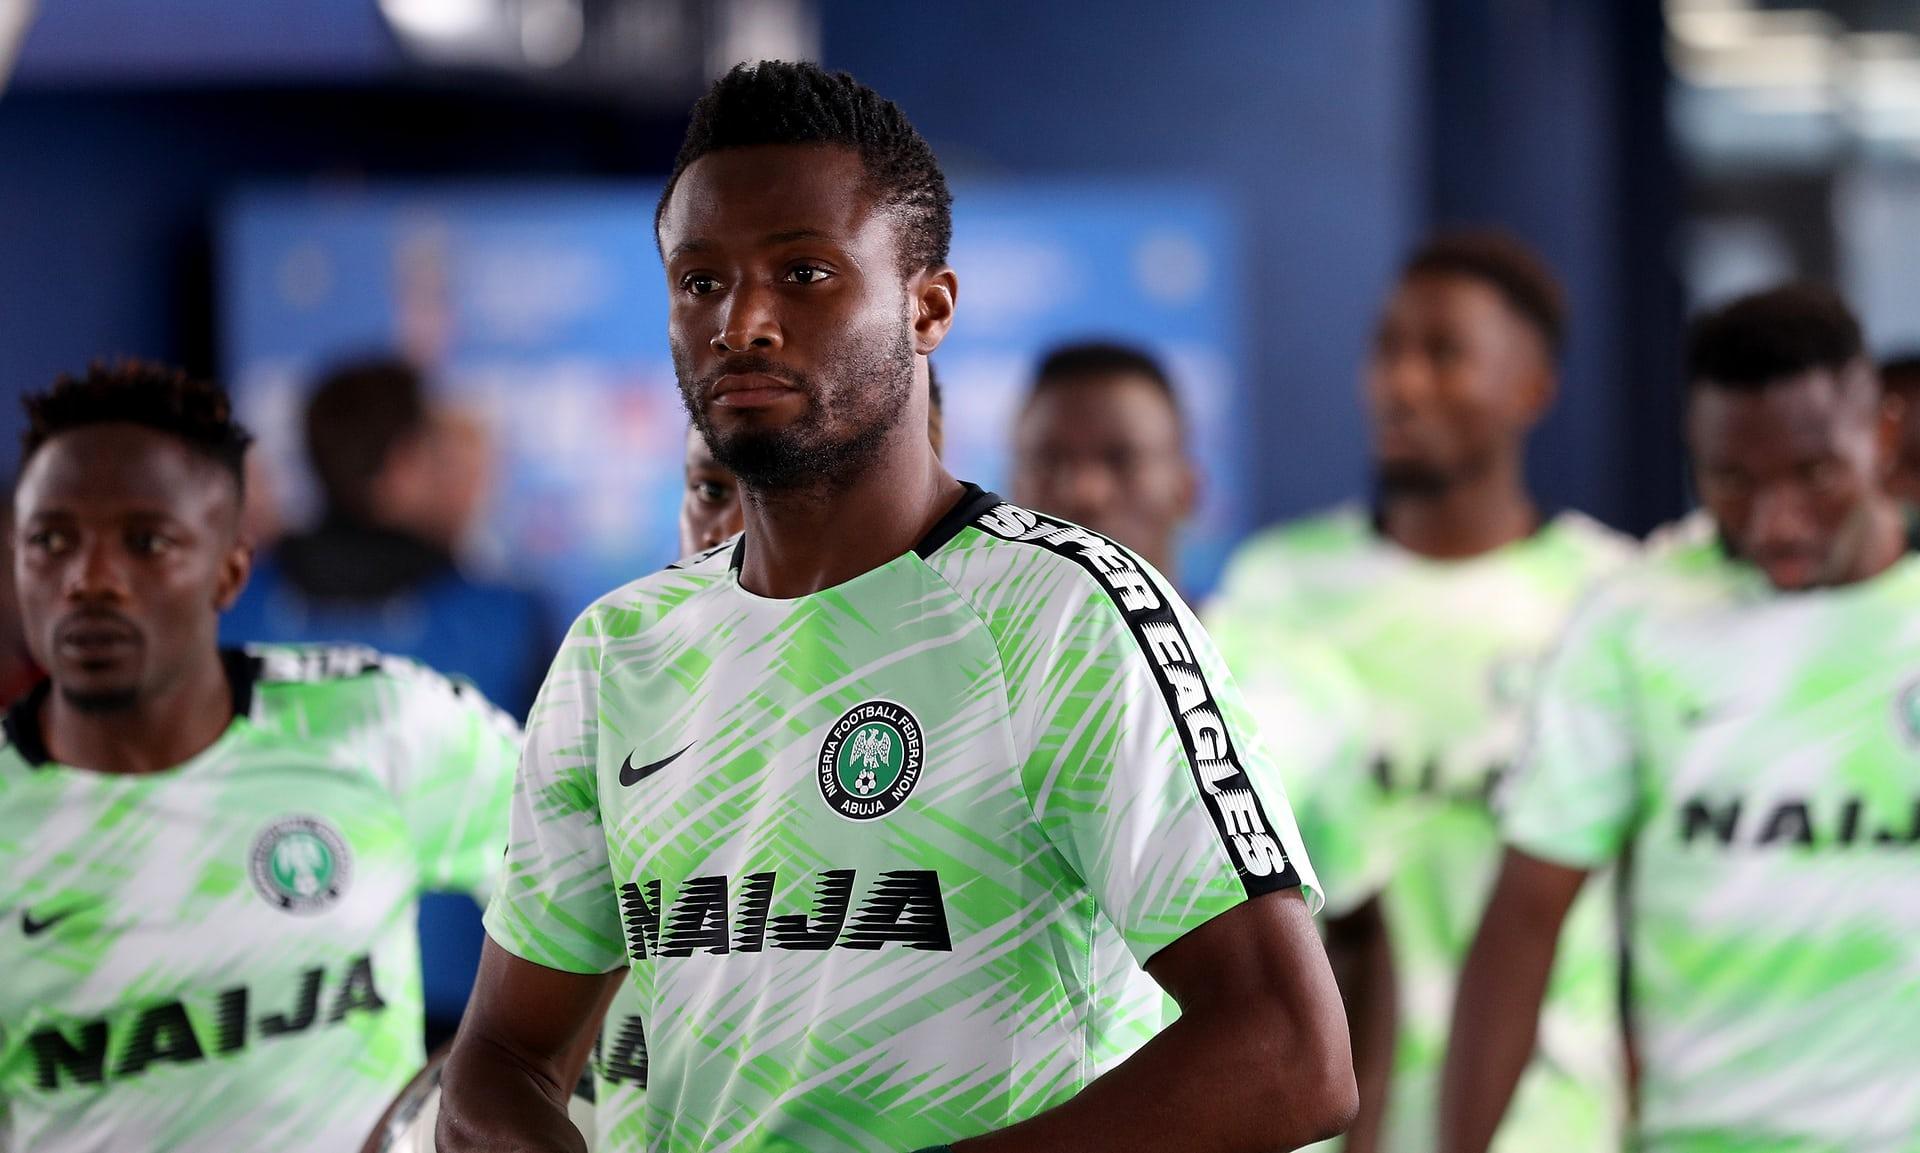 KAPITENI I NIGERISË/ Makth në botëror për Mikel, i rrëmbejnë babain